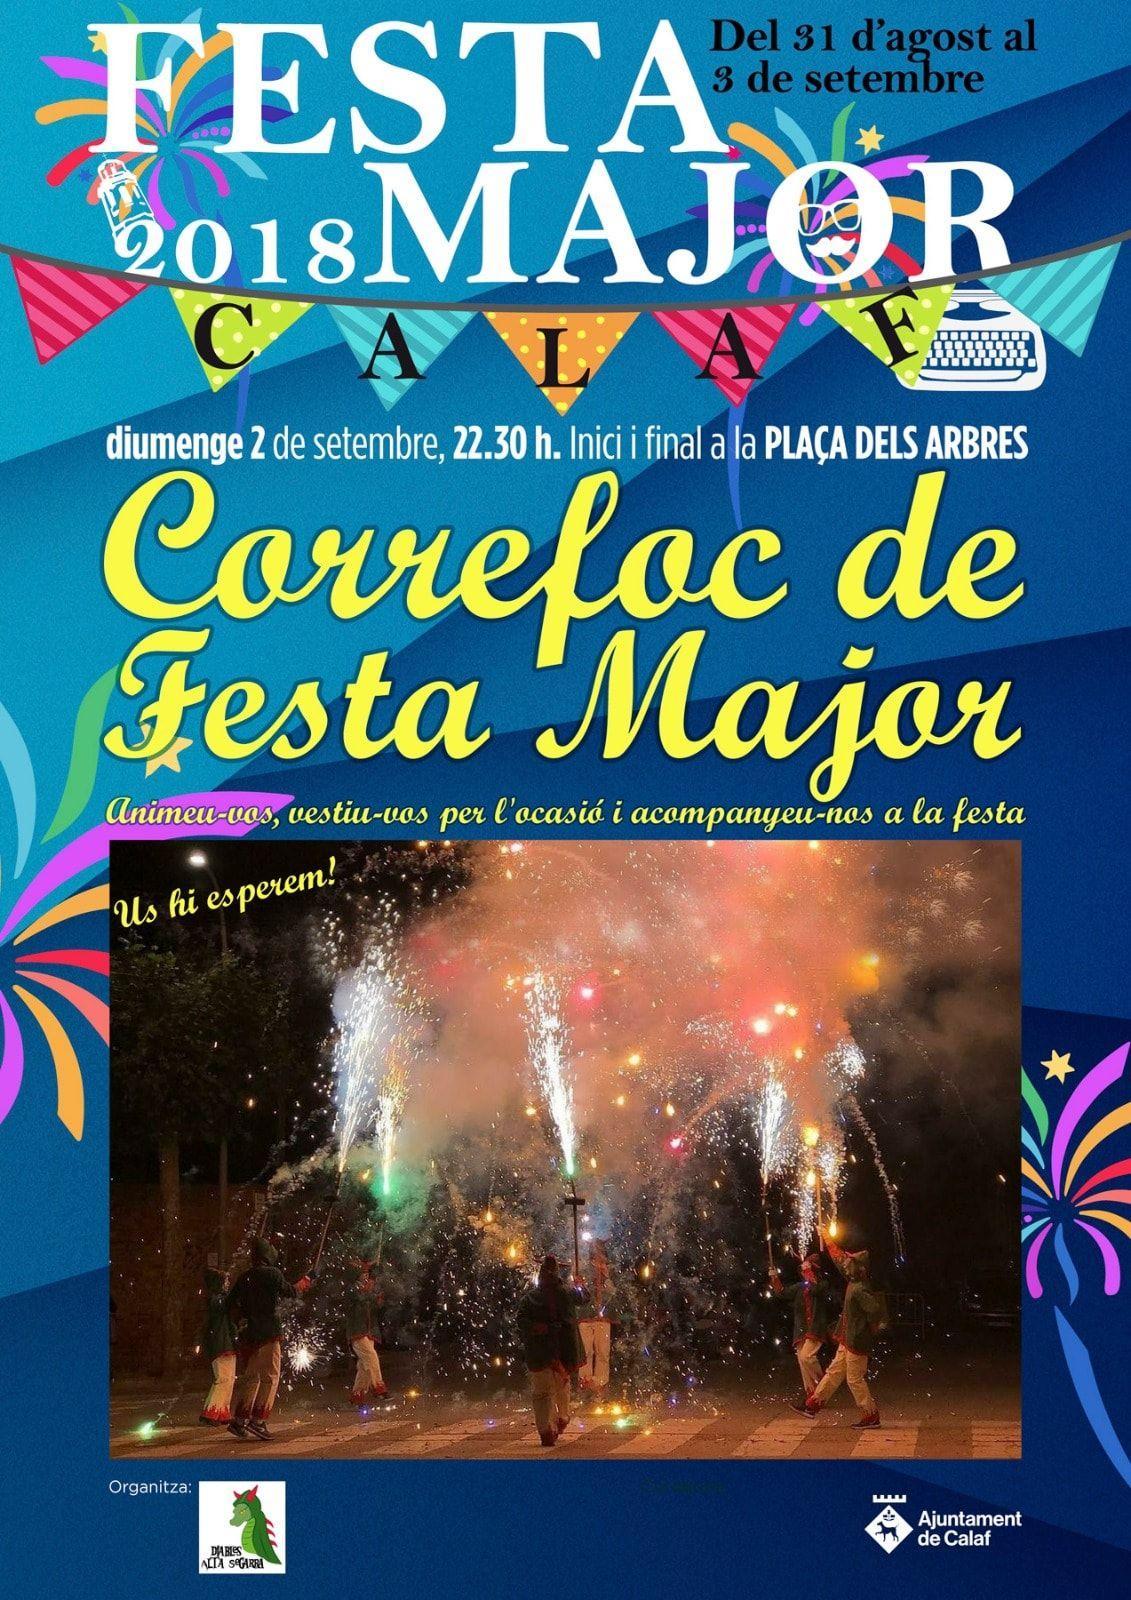 Correfoc de Festa Major de Calaf